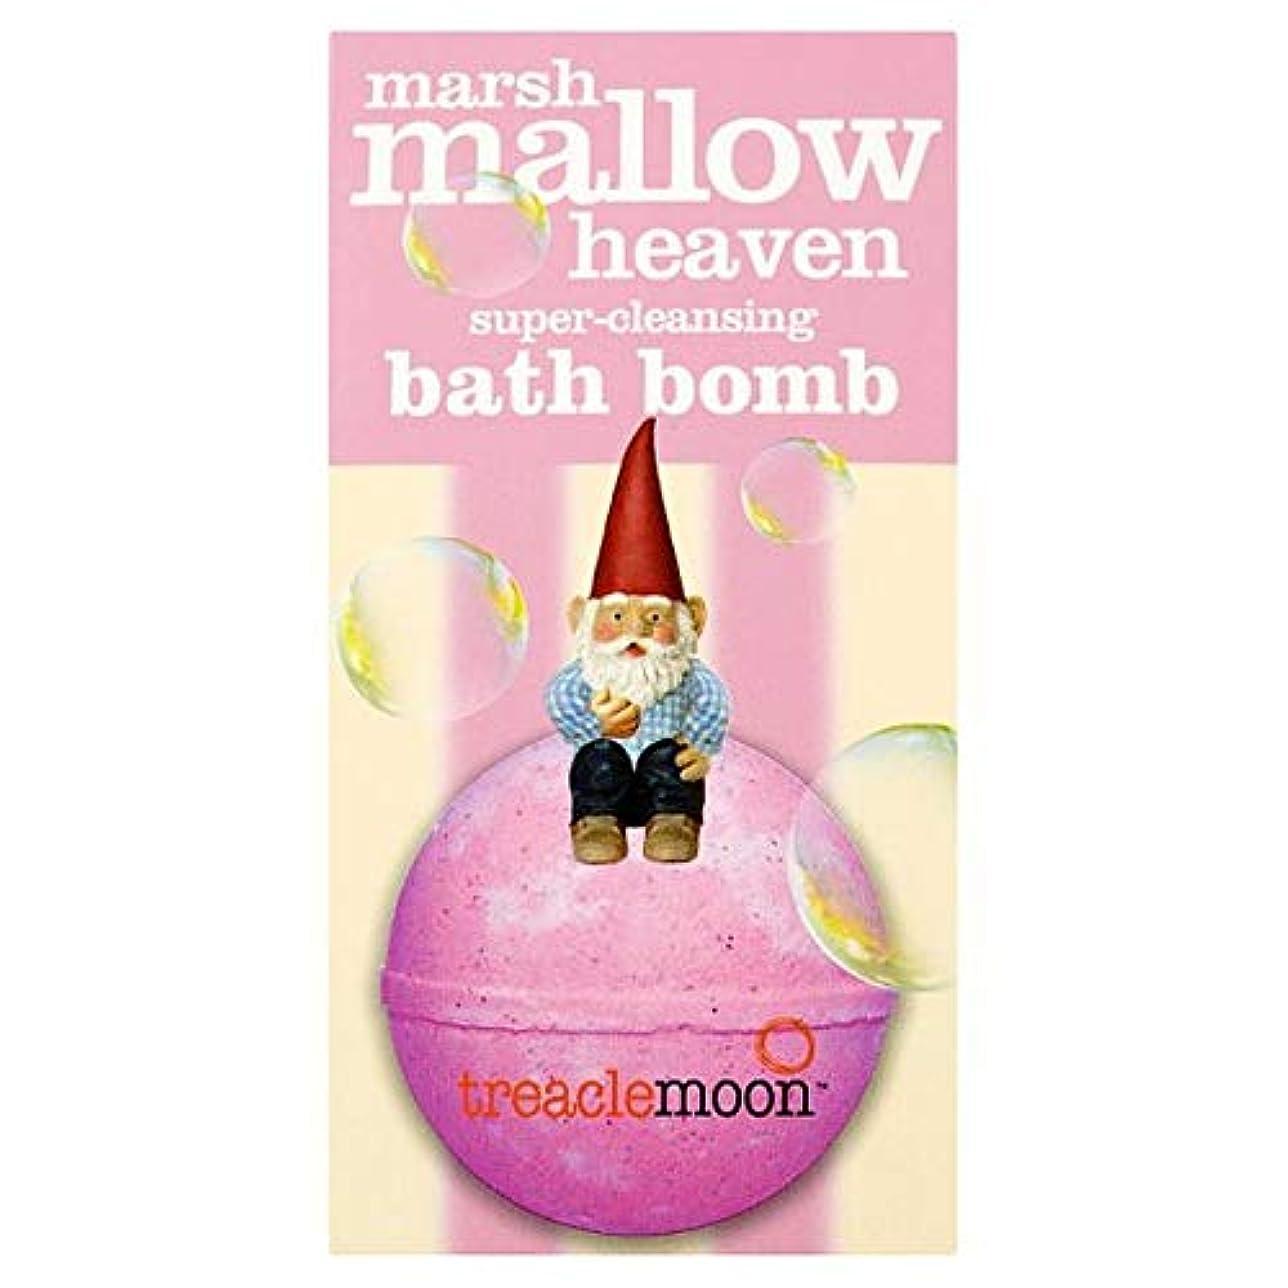 債務者借りる真面目な[Blue Orange ] 糖蜜ムーンバス爆弾ギフトセット - Treacle Moon Bath Bomb Gift Set [並行輸入品]